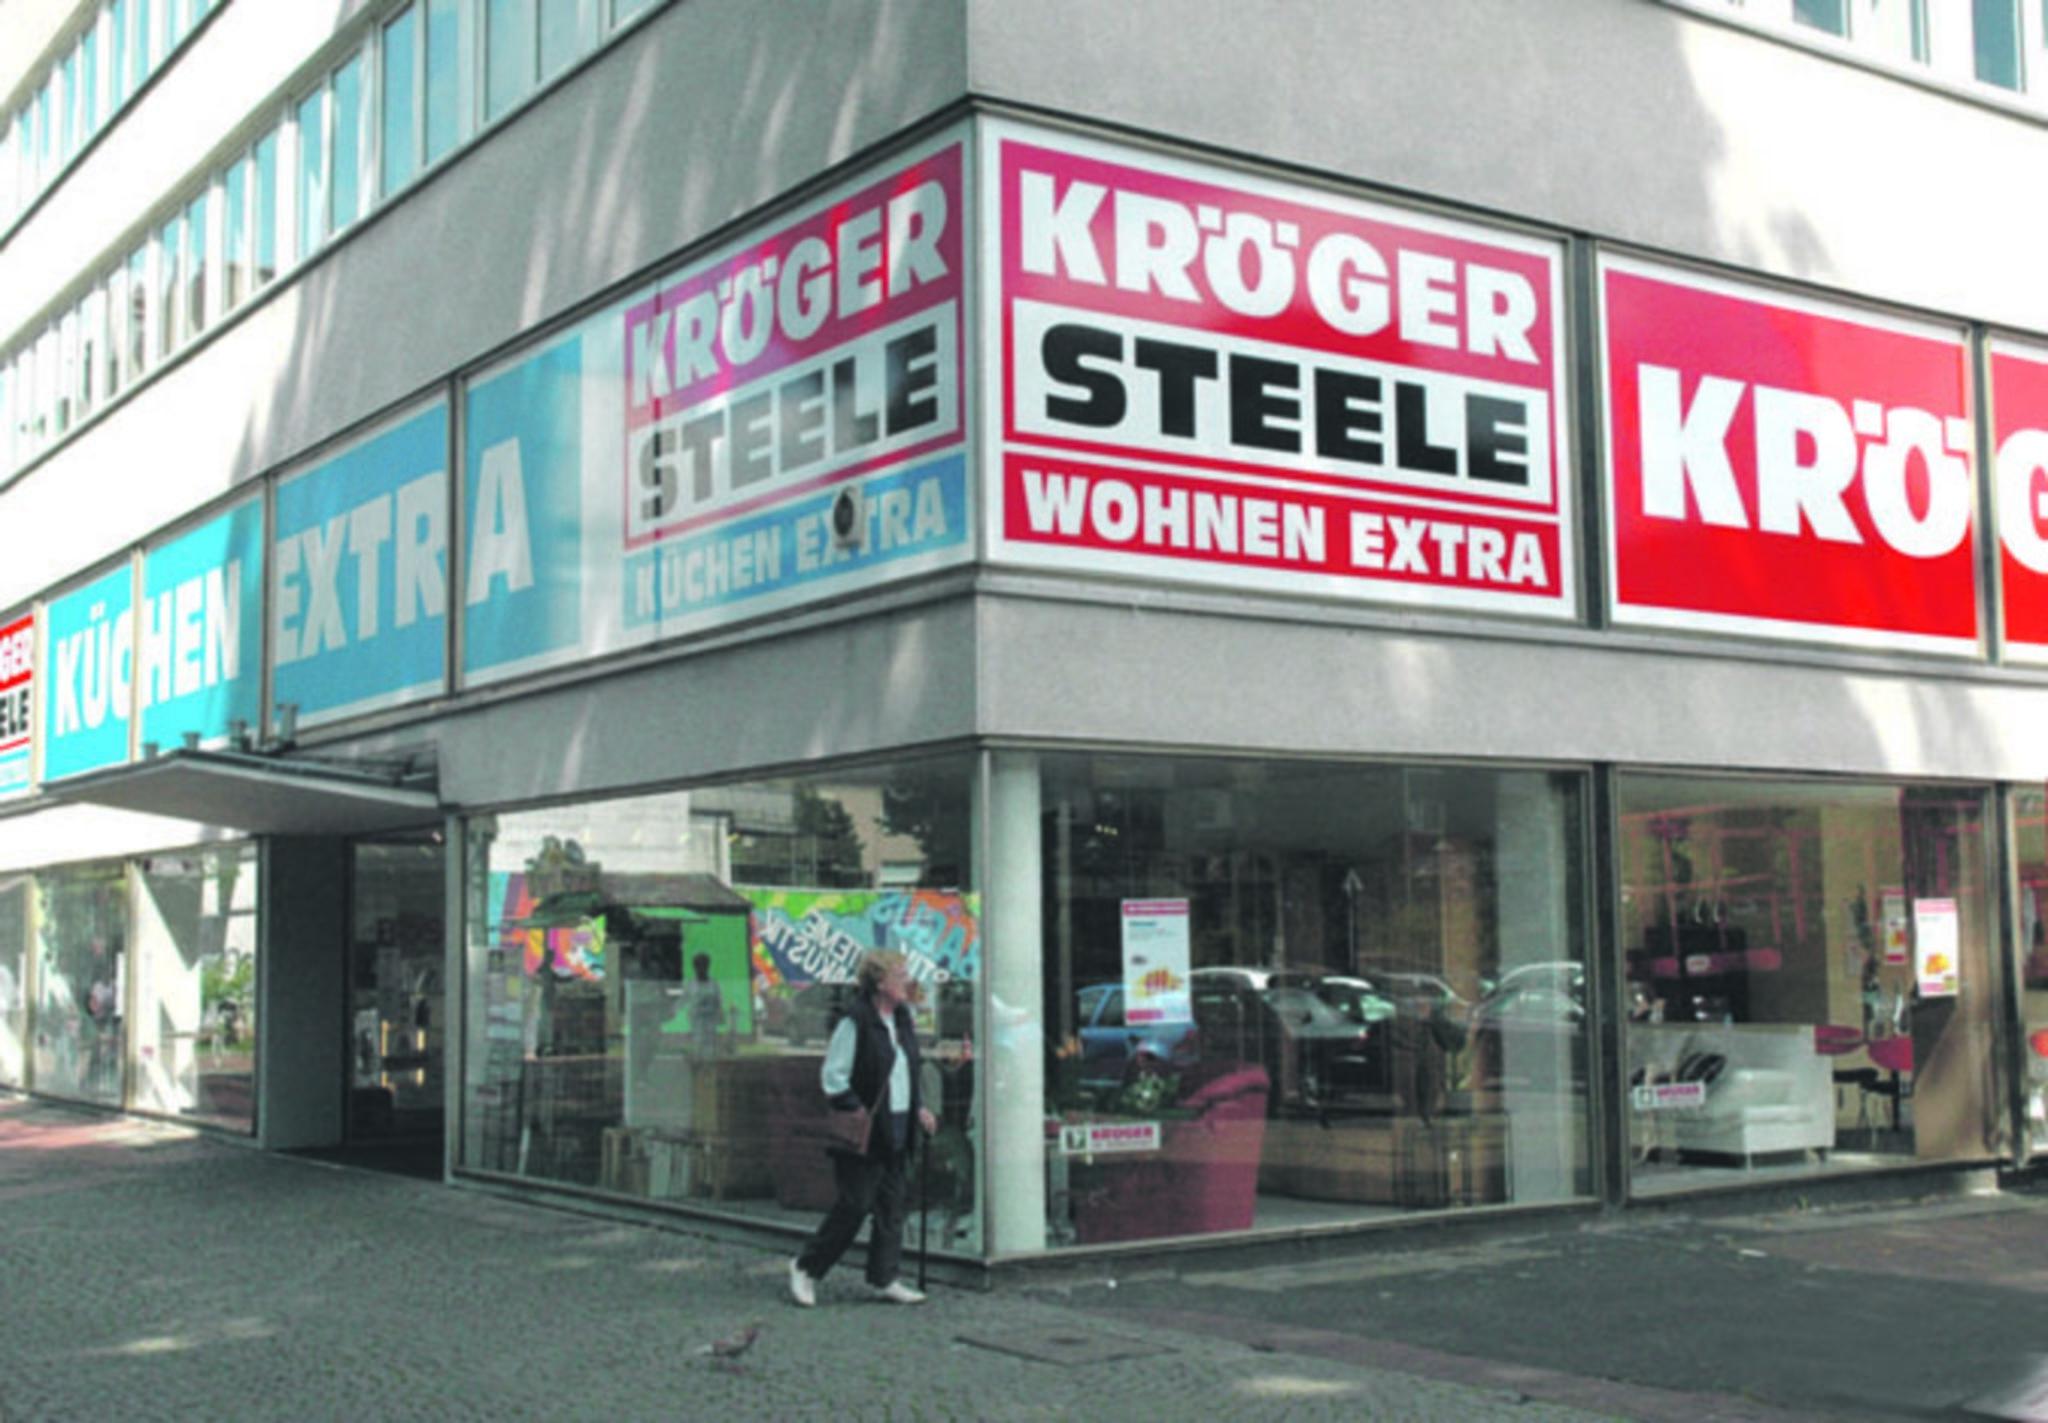 Steele Kröger Macht Am 30 Juni Dicht Essen Steele